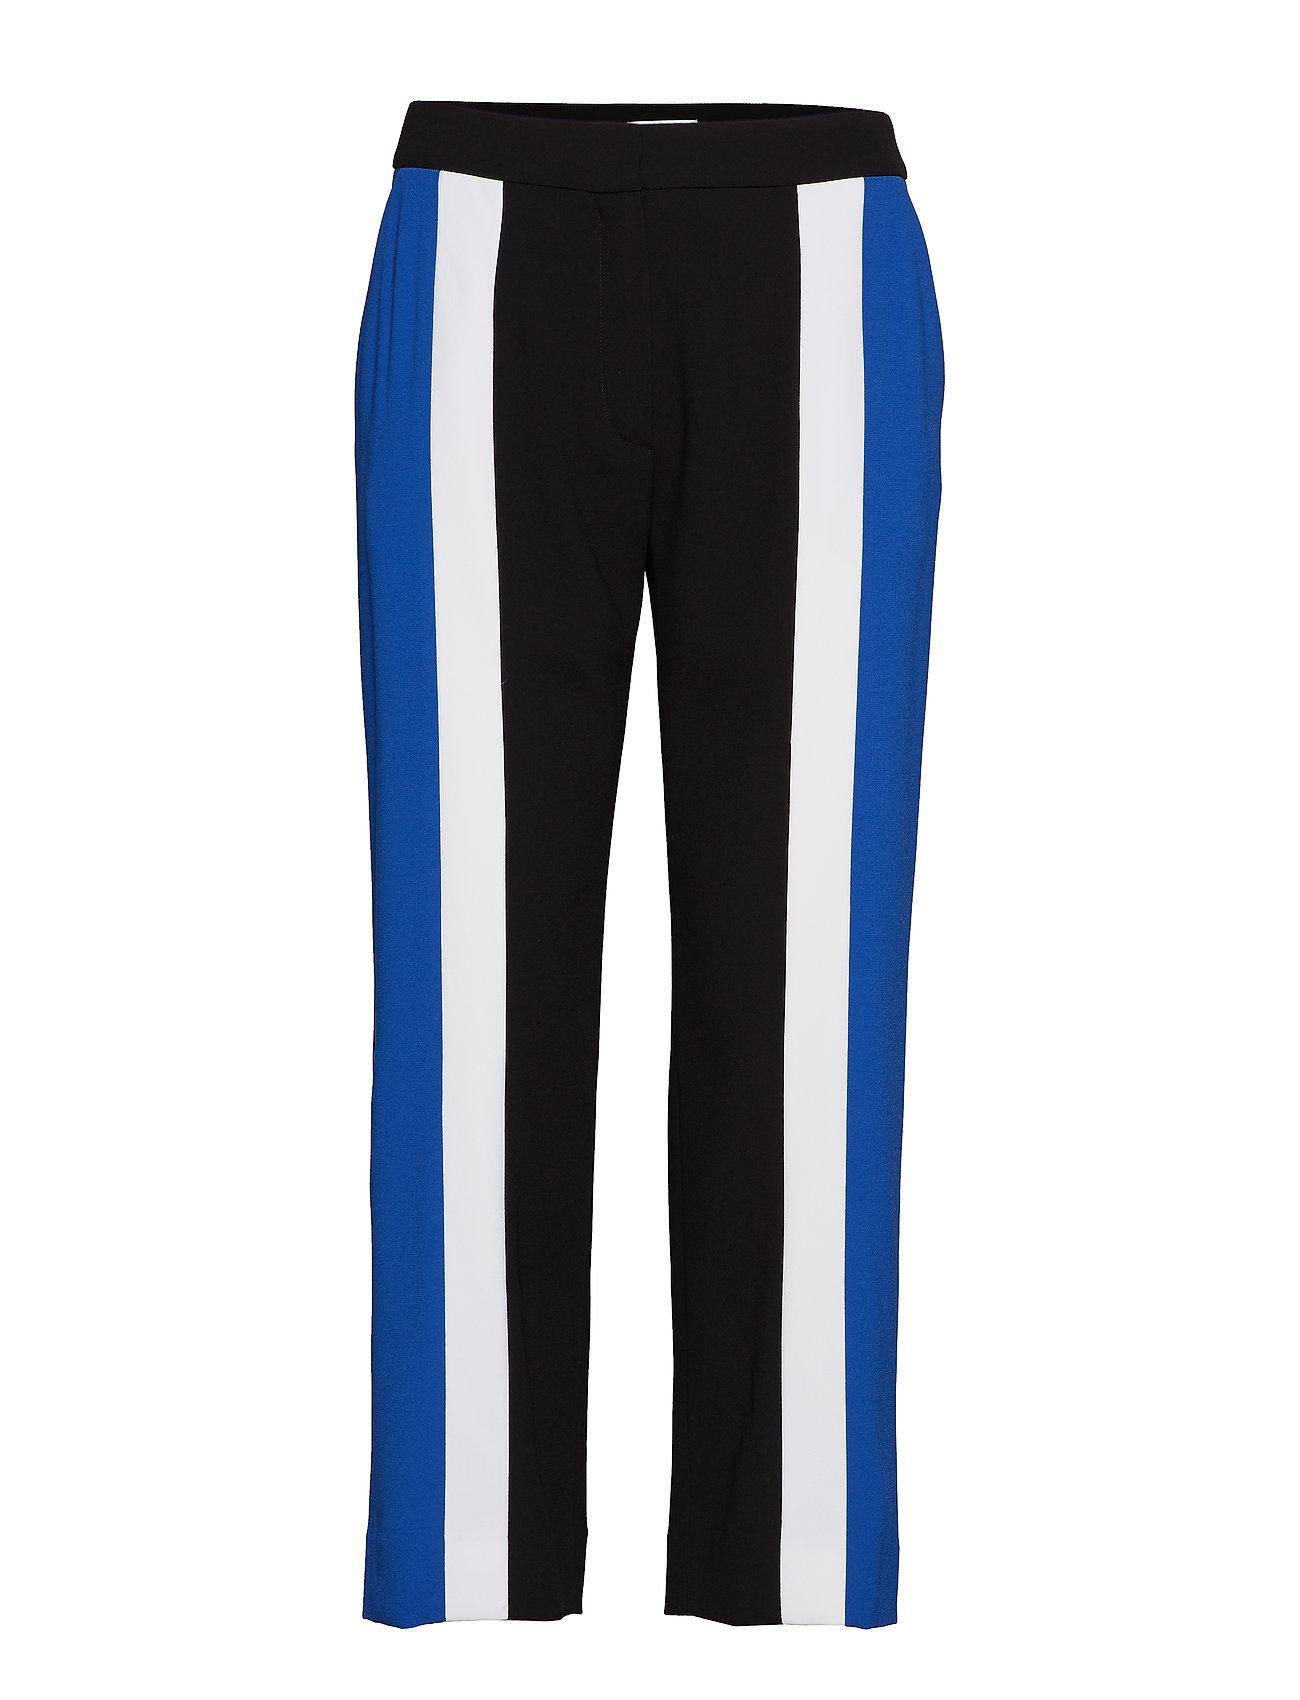 Image of Trousers Main Vide Bukser Blå Kenzo (3407838317)